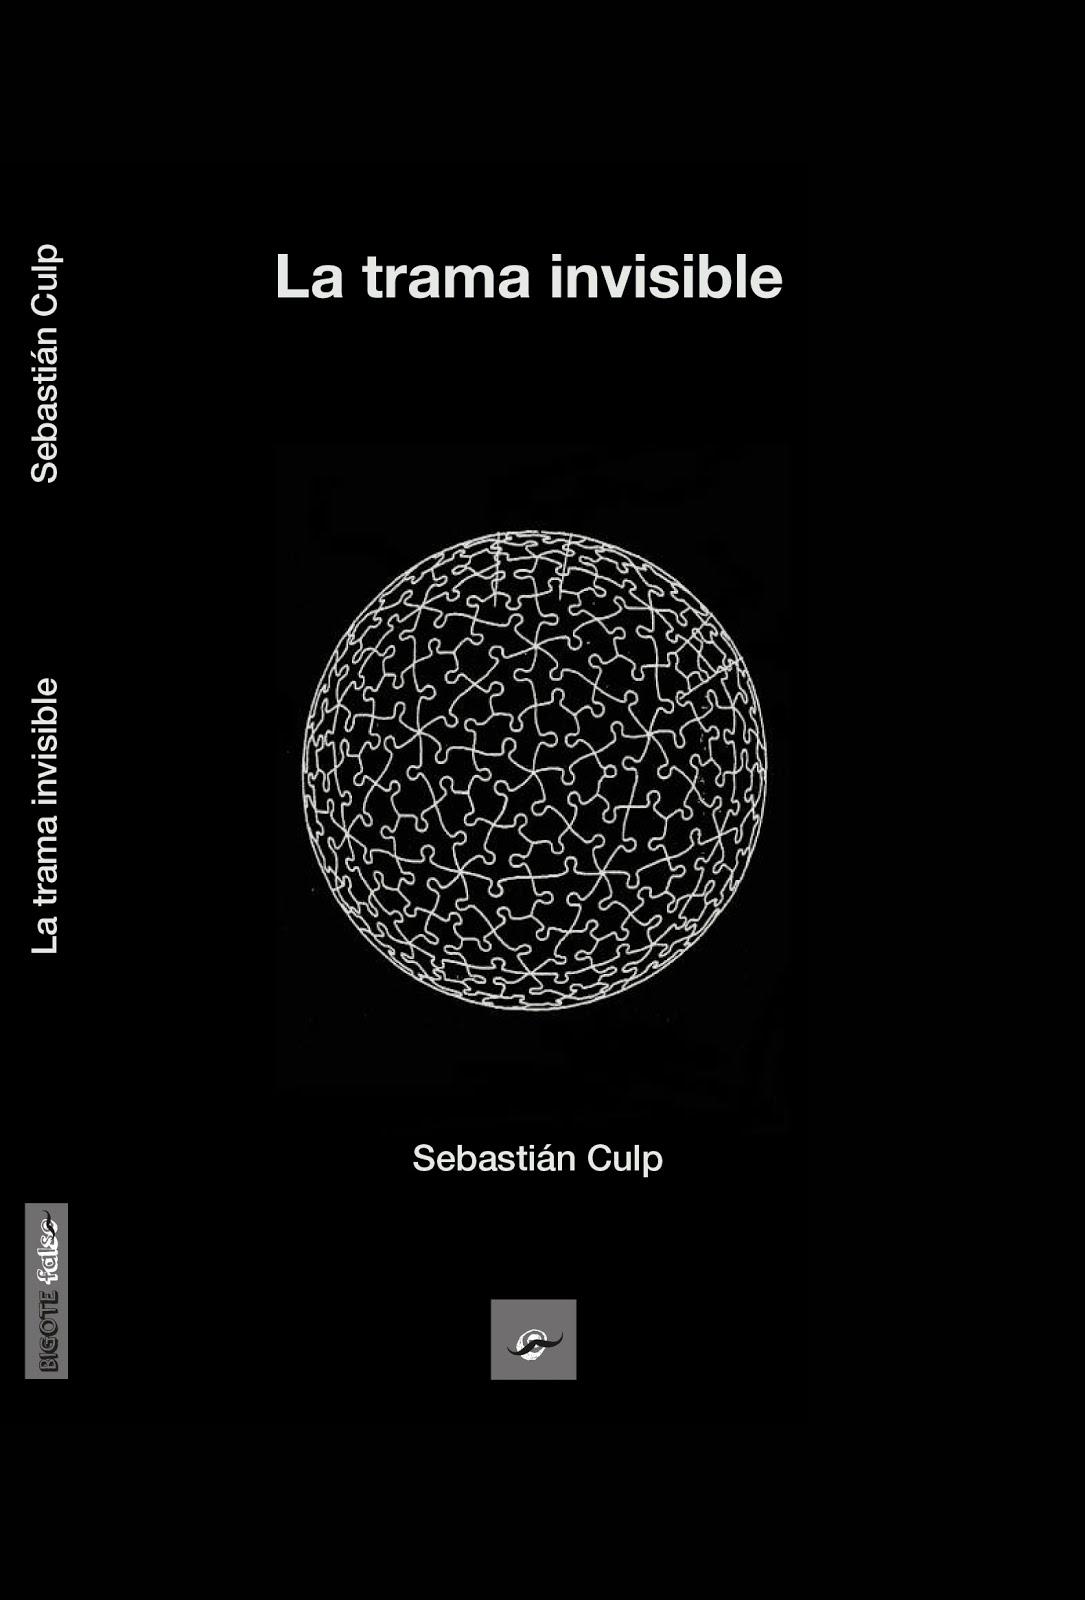 La trama invisible - Online